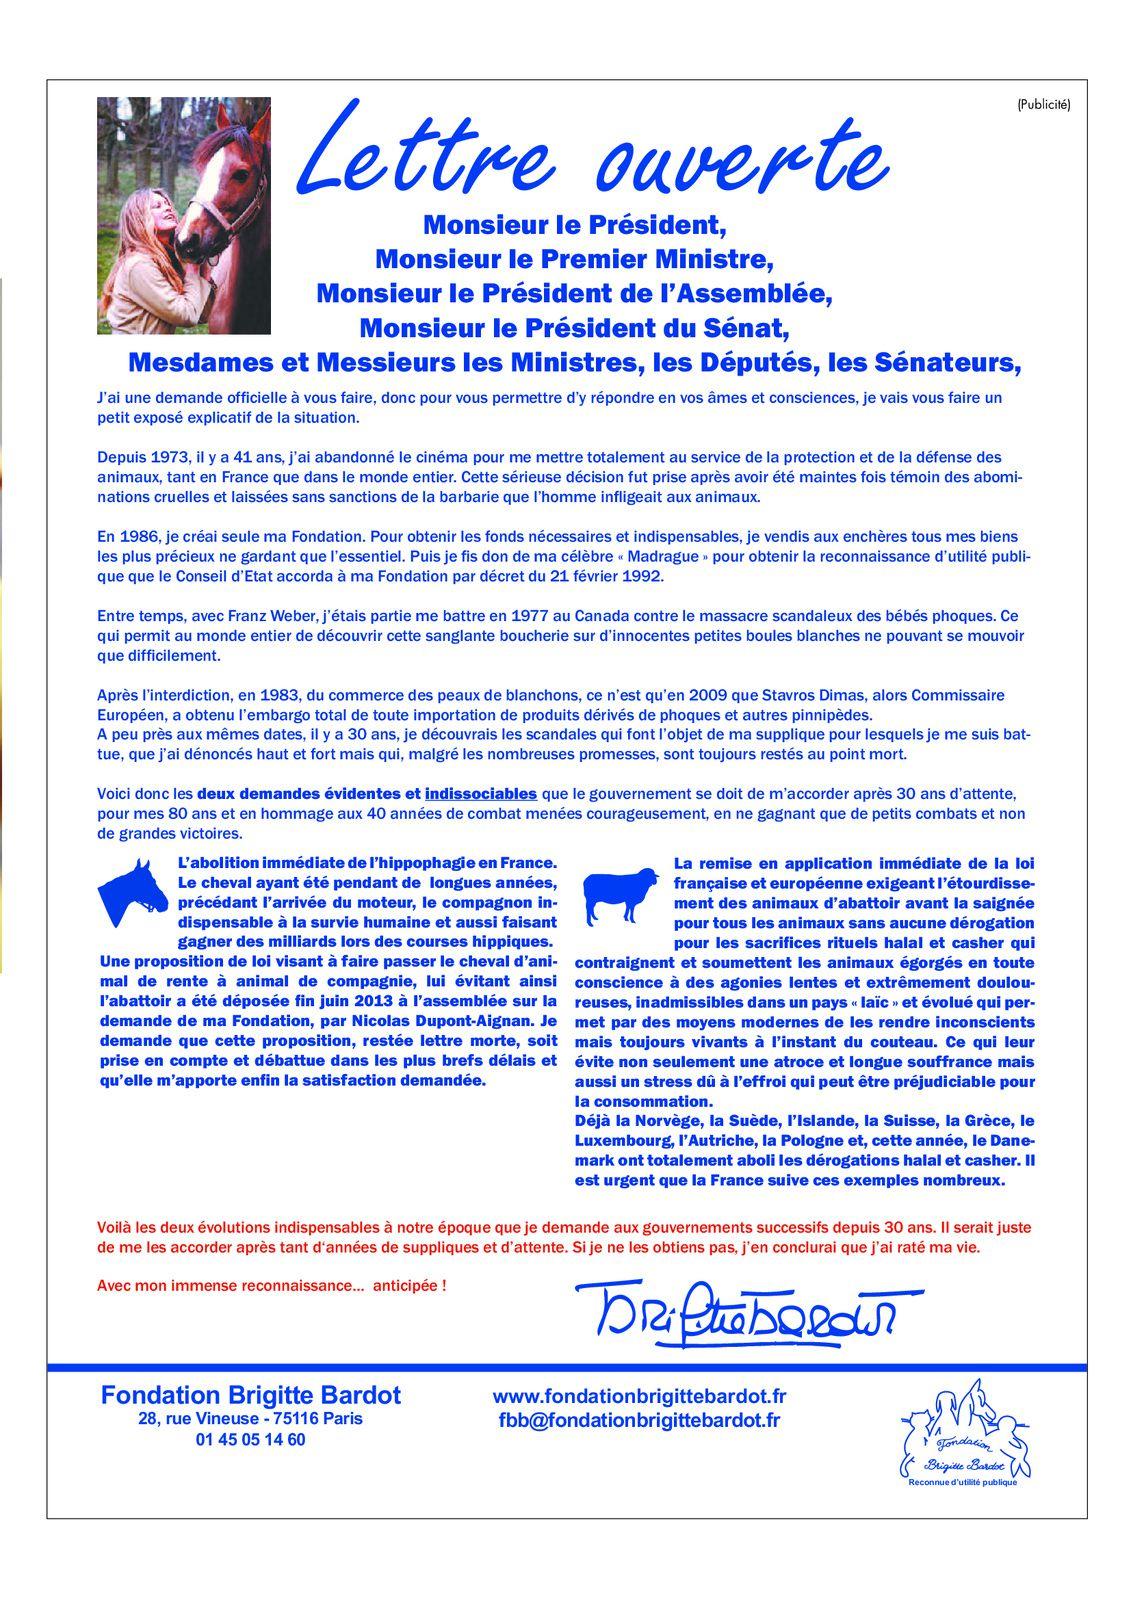 Source : http://www.leparisien.fr/laparisienne/actu-people/soutien-inattendu-de-brigitte-bardot-a-francois-hollande-12-09-2014-4129351.php